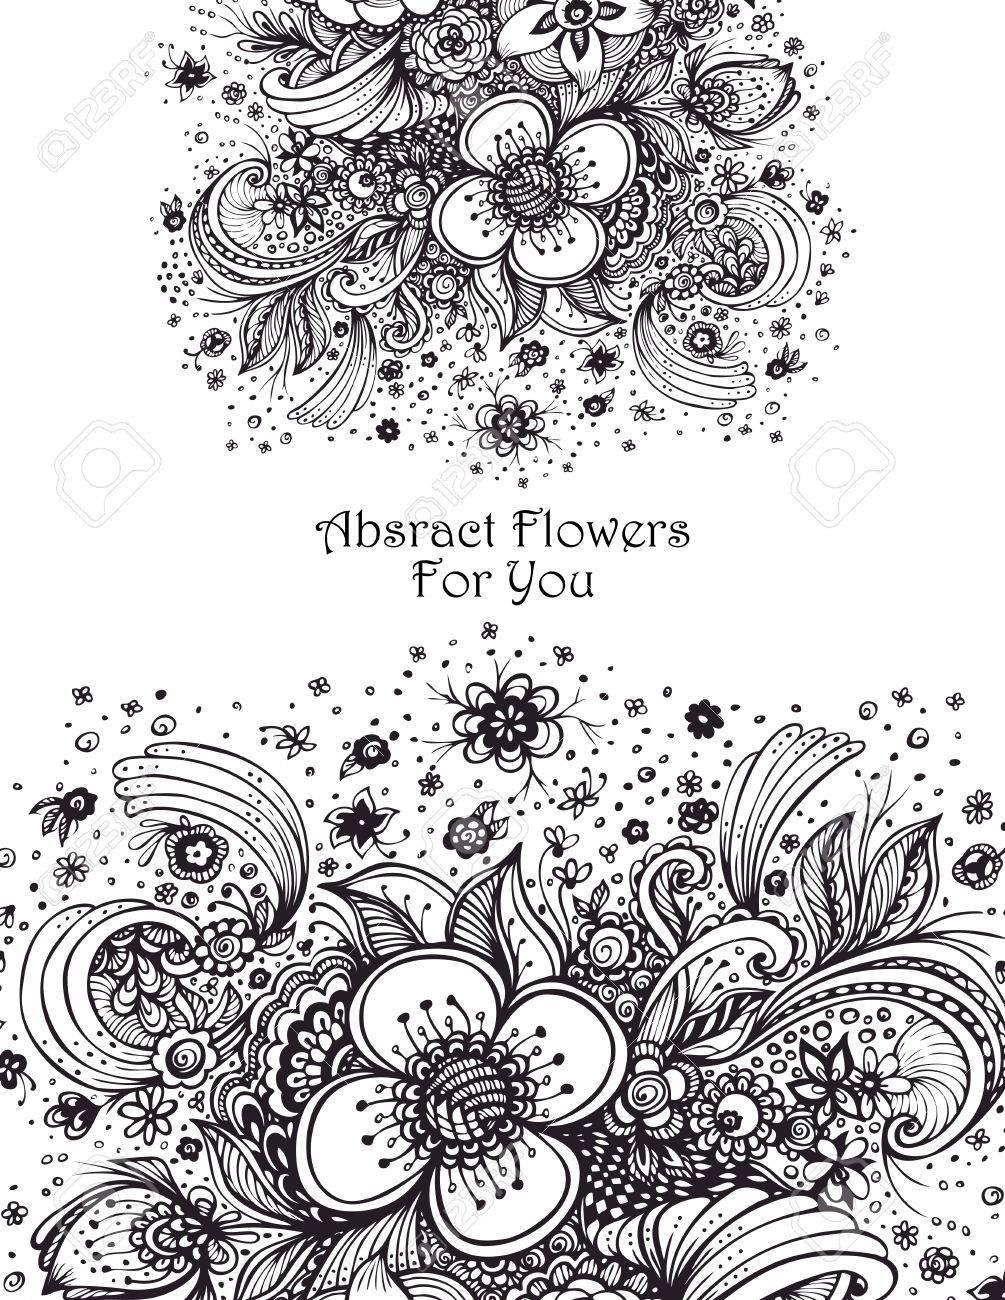 Modèle Avec Bouquet De Fleurs Abstraites Noir Sur Blanc Pour Coloriage Ou Adulte Relax Colorant Pour Parfum Ou Pour Shampooing Cosmétique